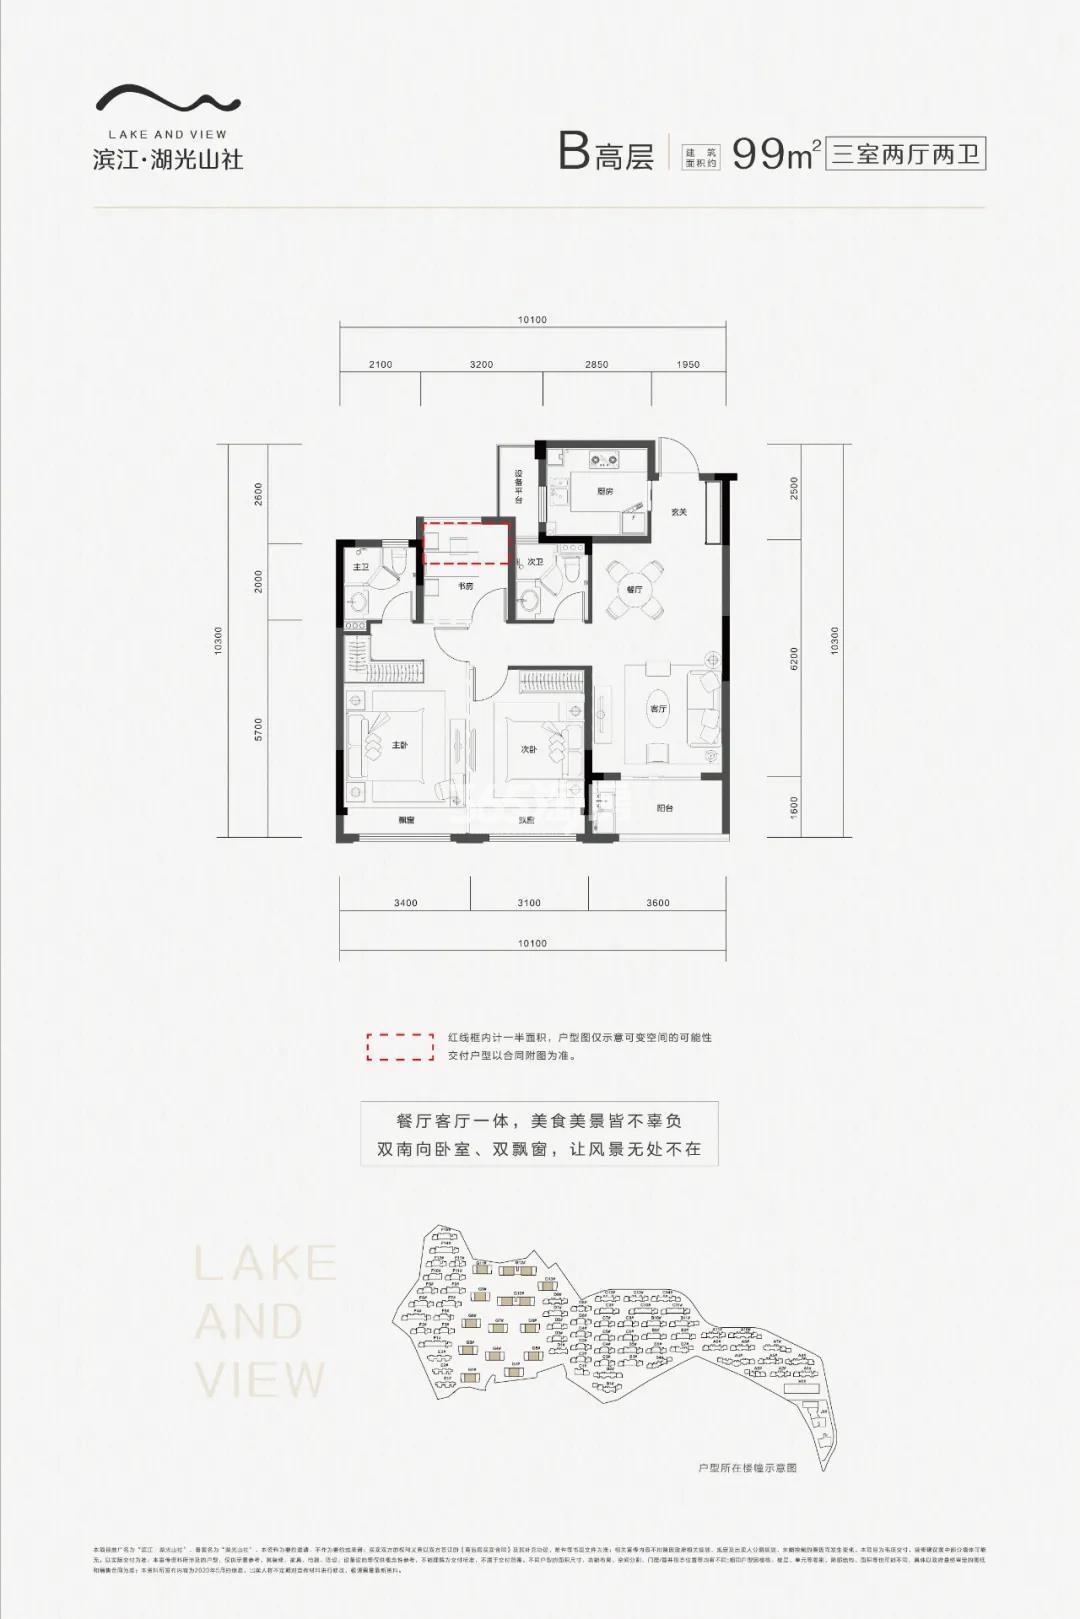 滨江湖光山社B户型建面约99㎡(小高层中间套)